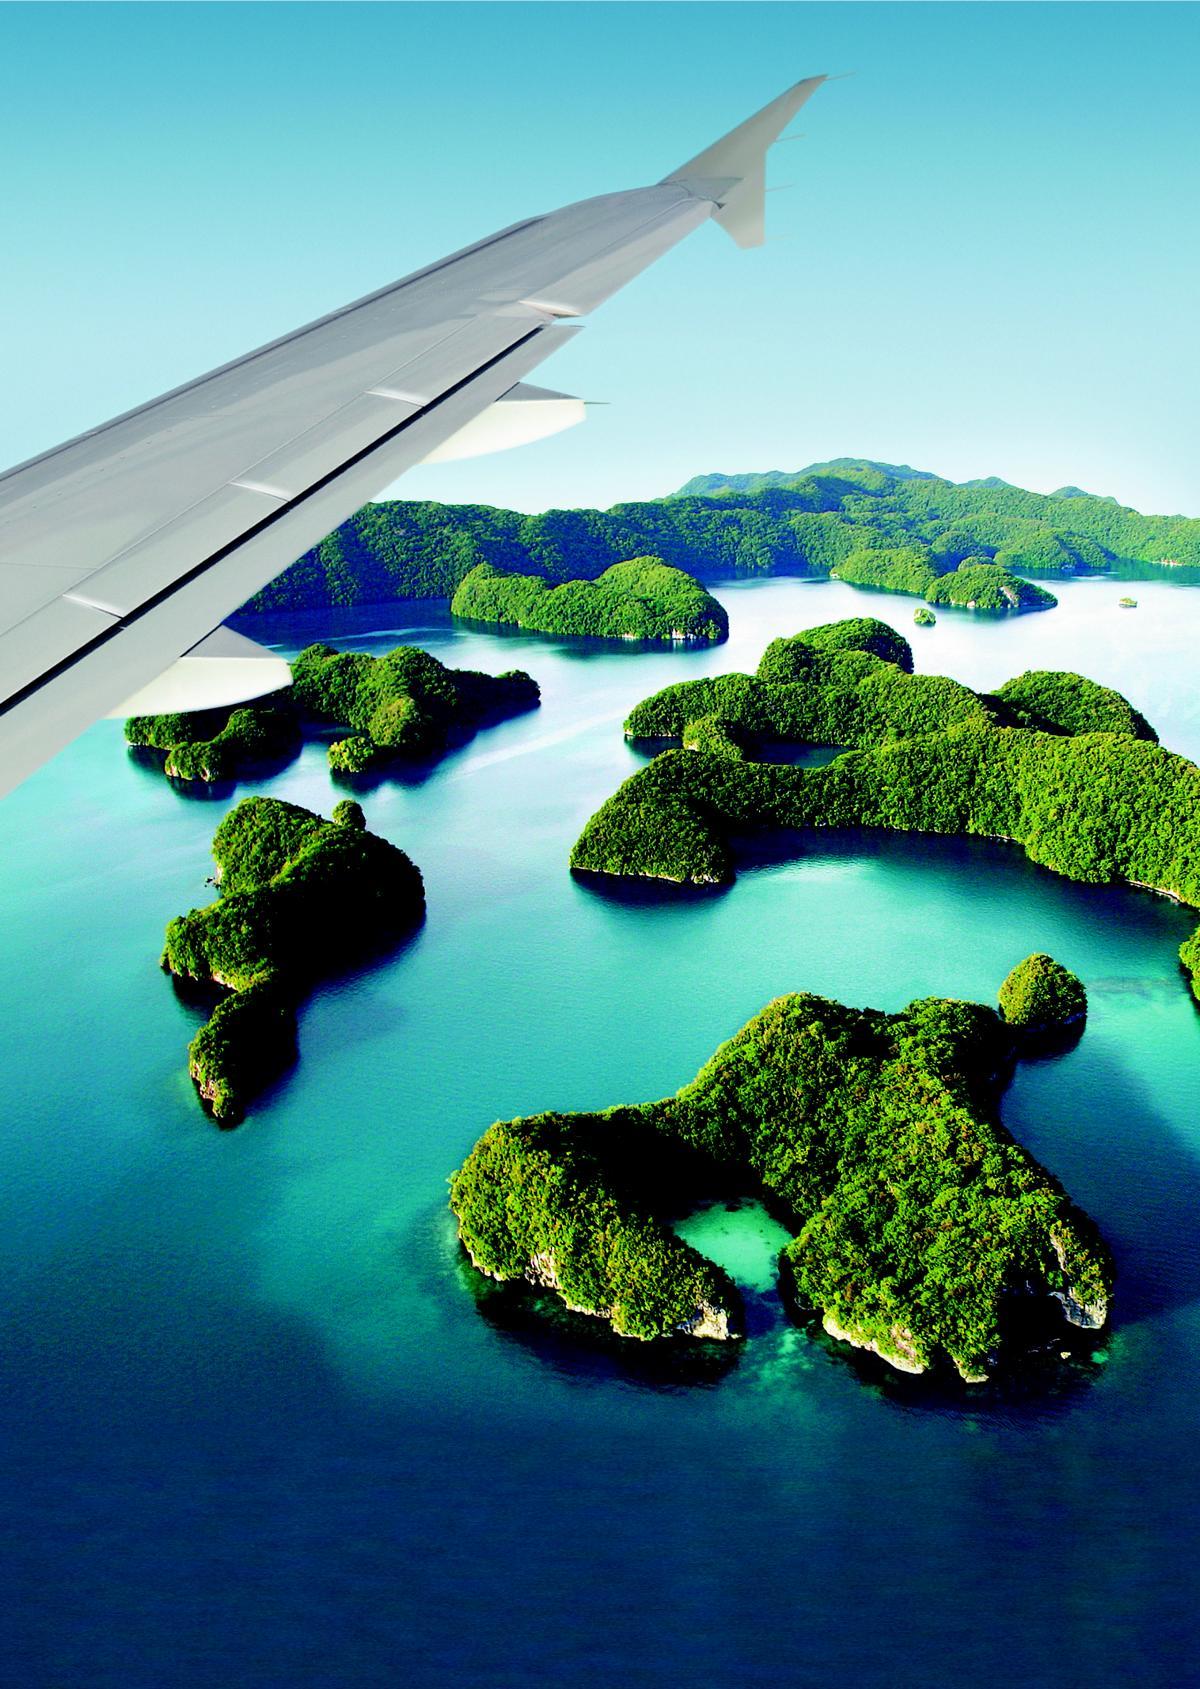 Palau von oben auf einem Flug mit dem Private Jet Albert Ballin von Hapag Lloyd